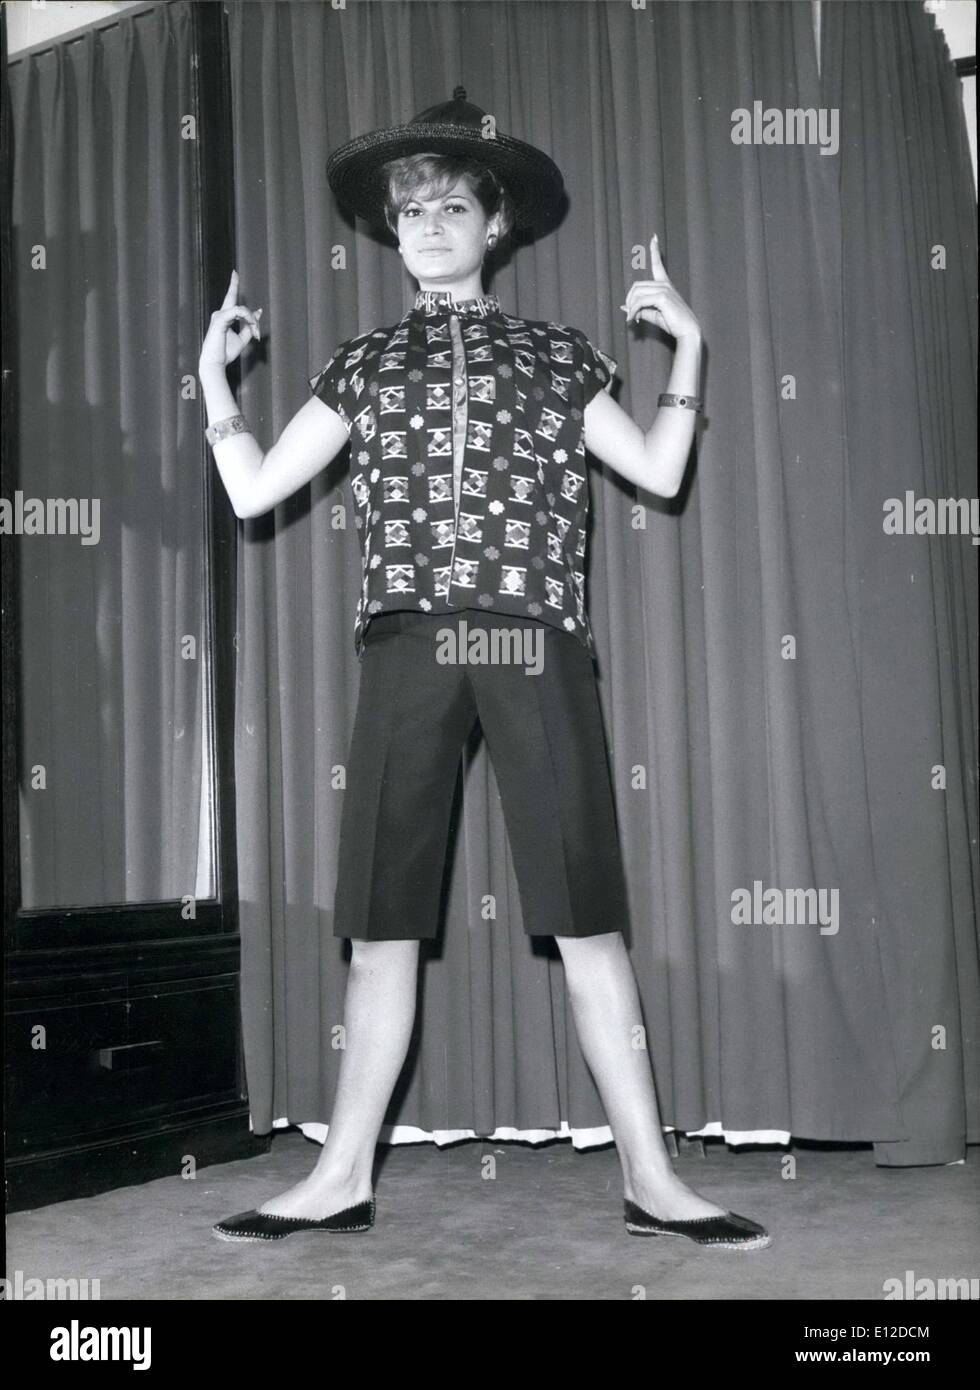 Dec. 19, 2011 - NPM- Ce Modele, intitule ''petit chinois', est concu pour recevoir des amis chez soi, ou pour regarder la telecisoin. Une courte veste en coton noir, brode de motifs multicolores, en soie. Doubleure et blouse sont en soie vert canard. Le pantelon de coolie est en shantung moir, la ceinture moire a morif argent. Le tout se porte avec un grand chapeau plat a calotte pointue, paille et satin noir, et de larges bracelets en argent massif (Lola Prussac) - Stock Image